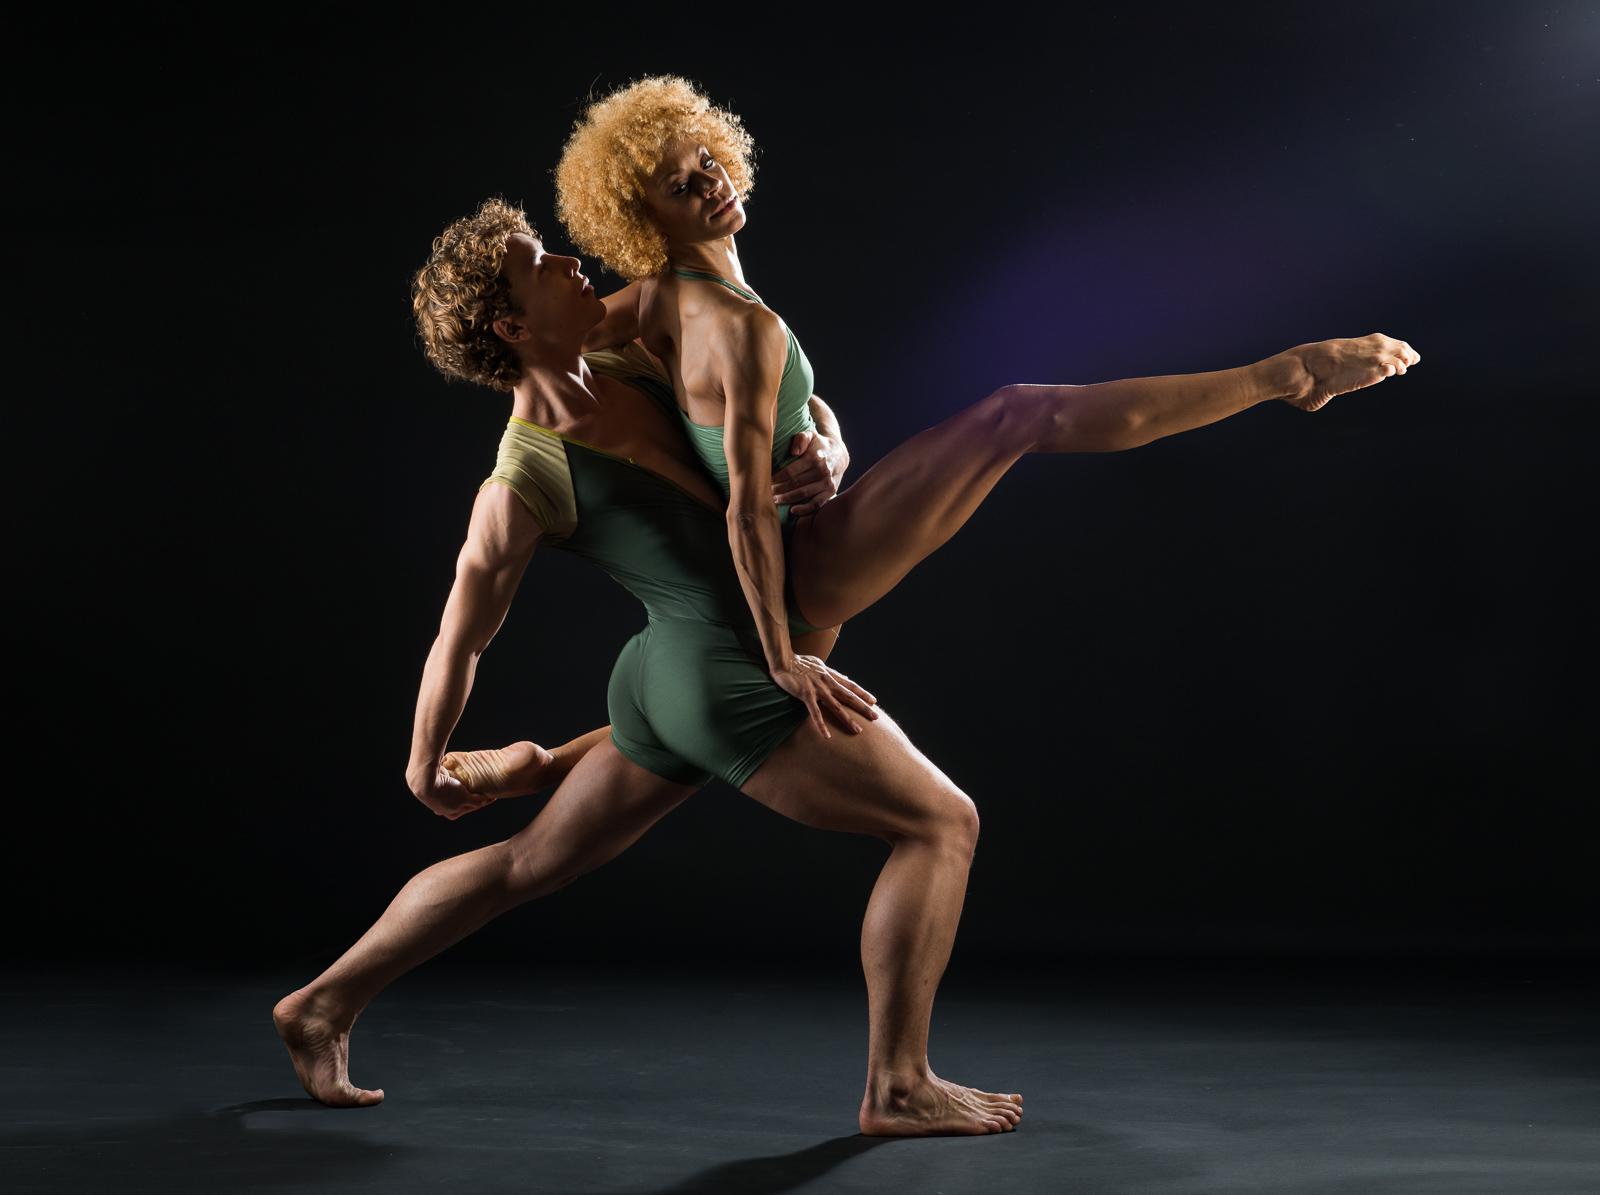 studio vanesa célestin grands ballets canadien ballerina dancer